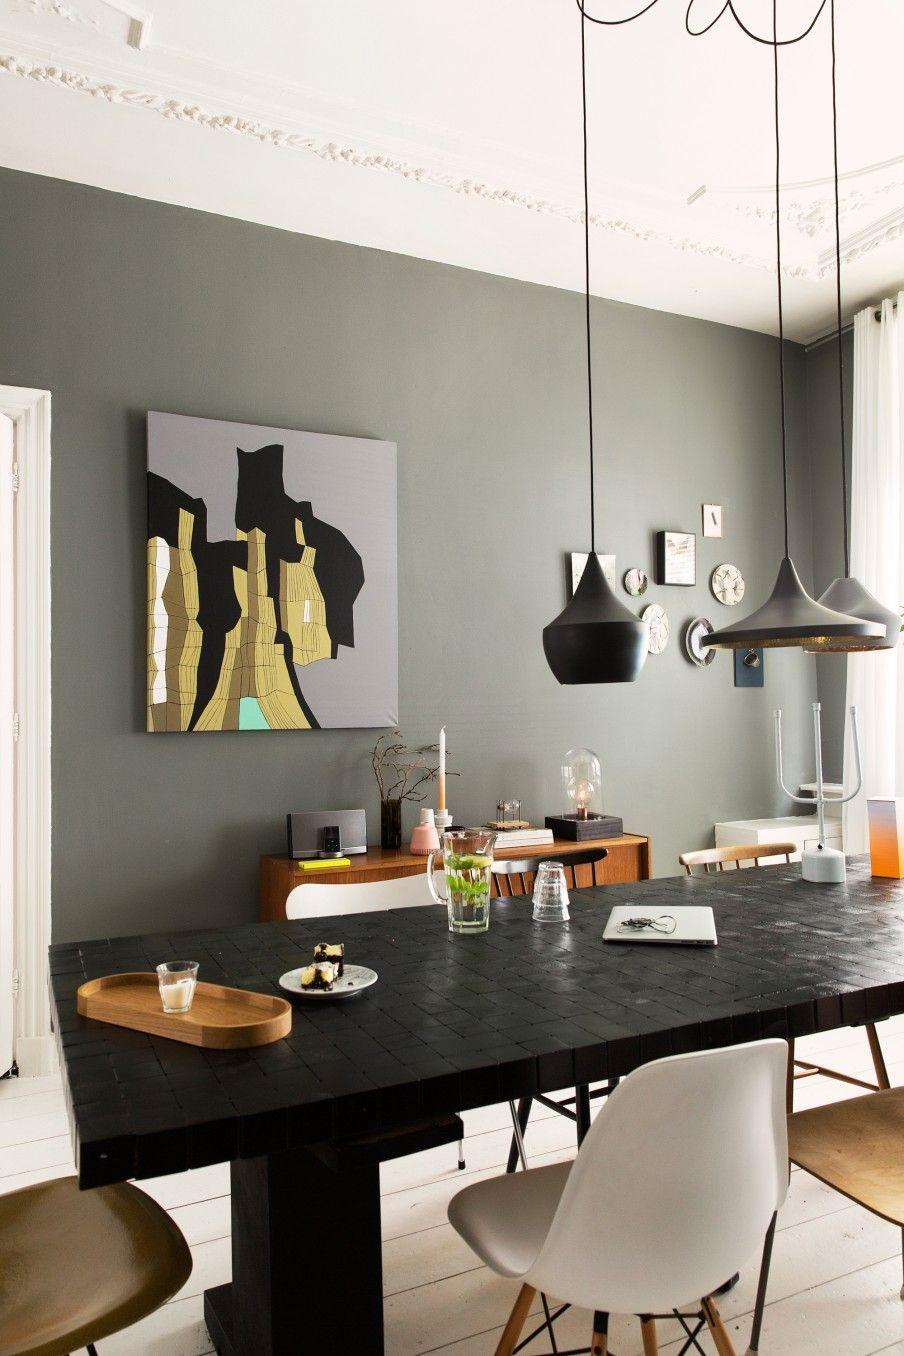 mur kaki a la haye d co inspirations pinterest couleurs mur et manger. Black Bedroom Furniture Sets. Home Design Ideas